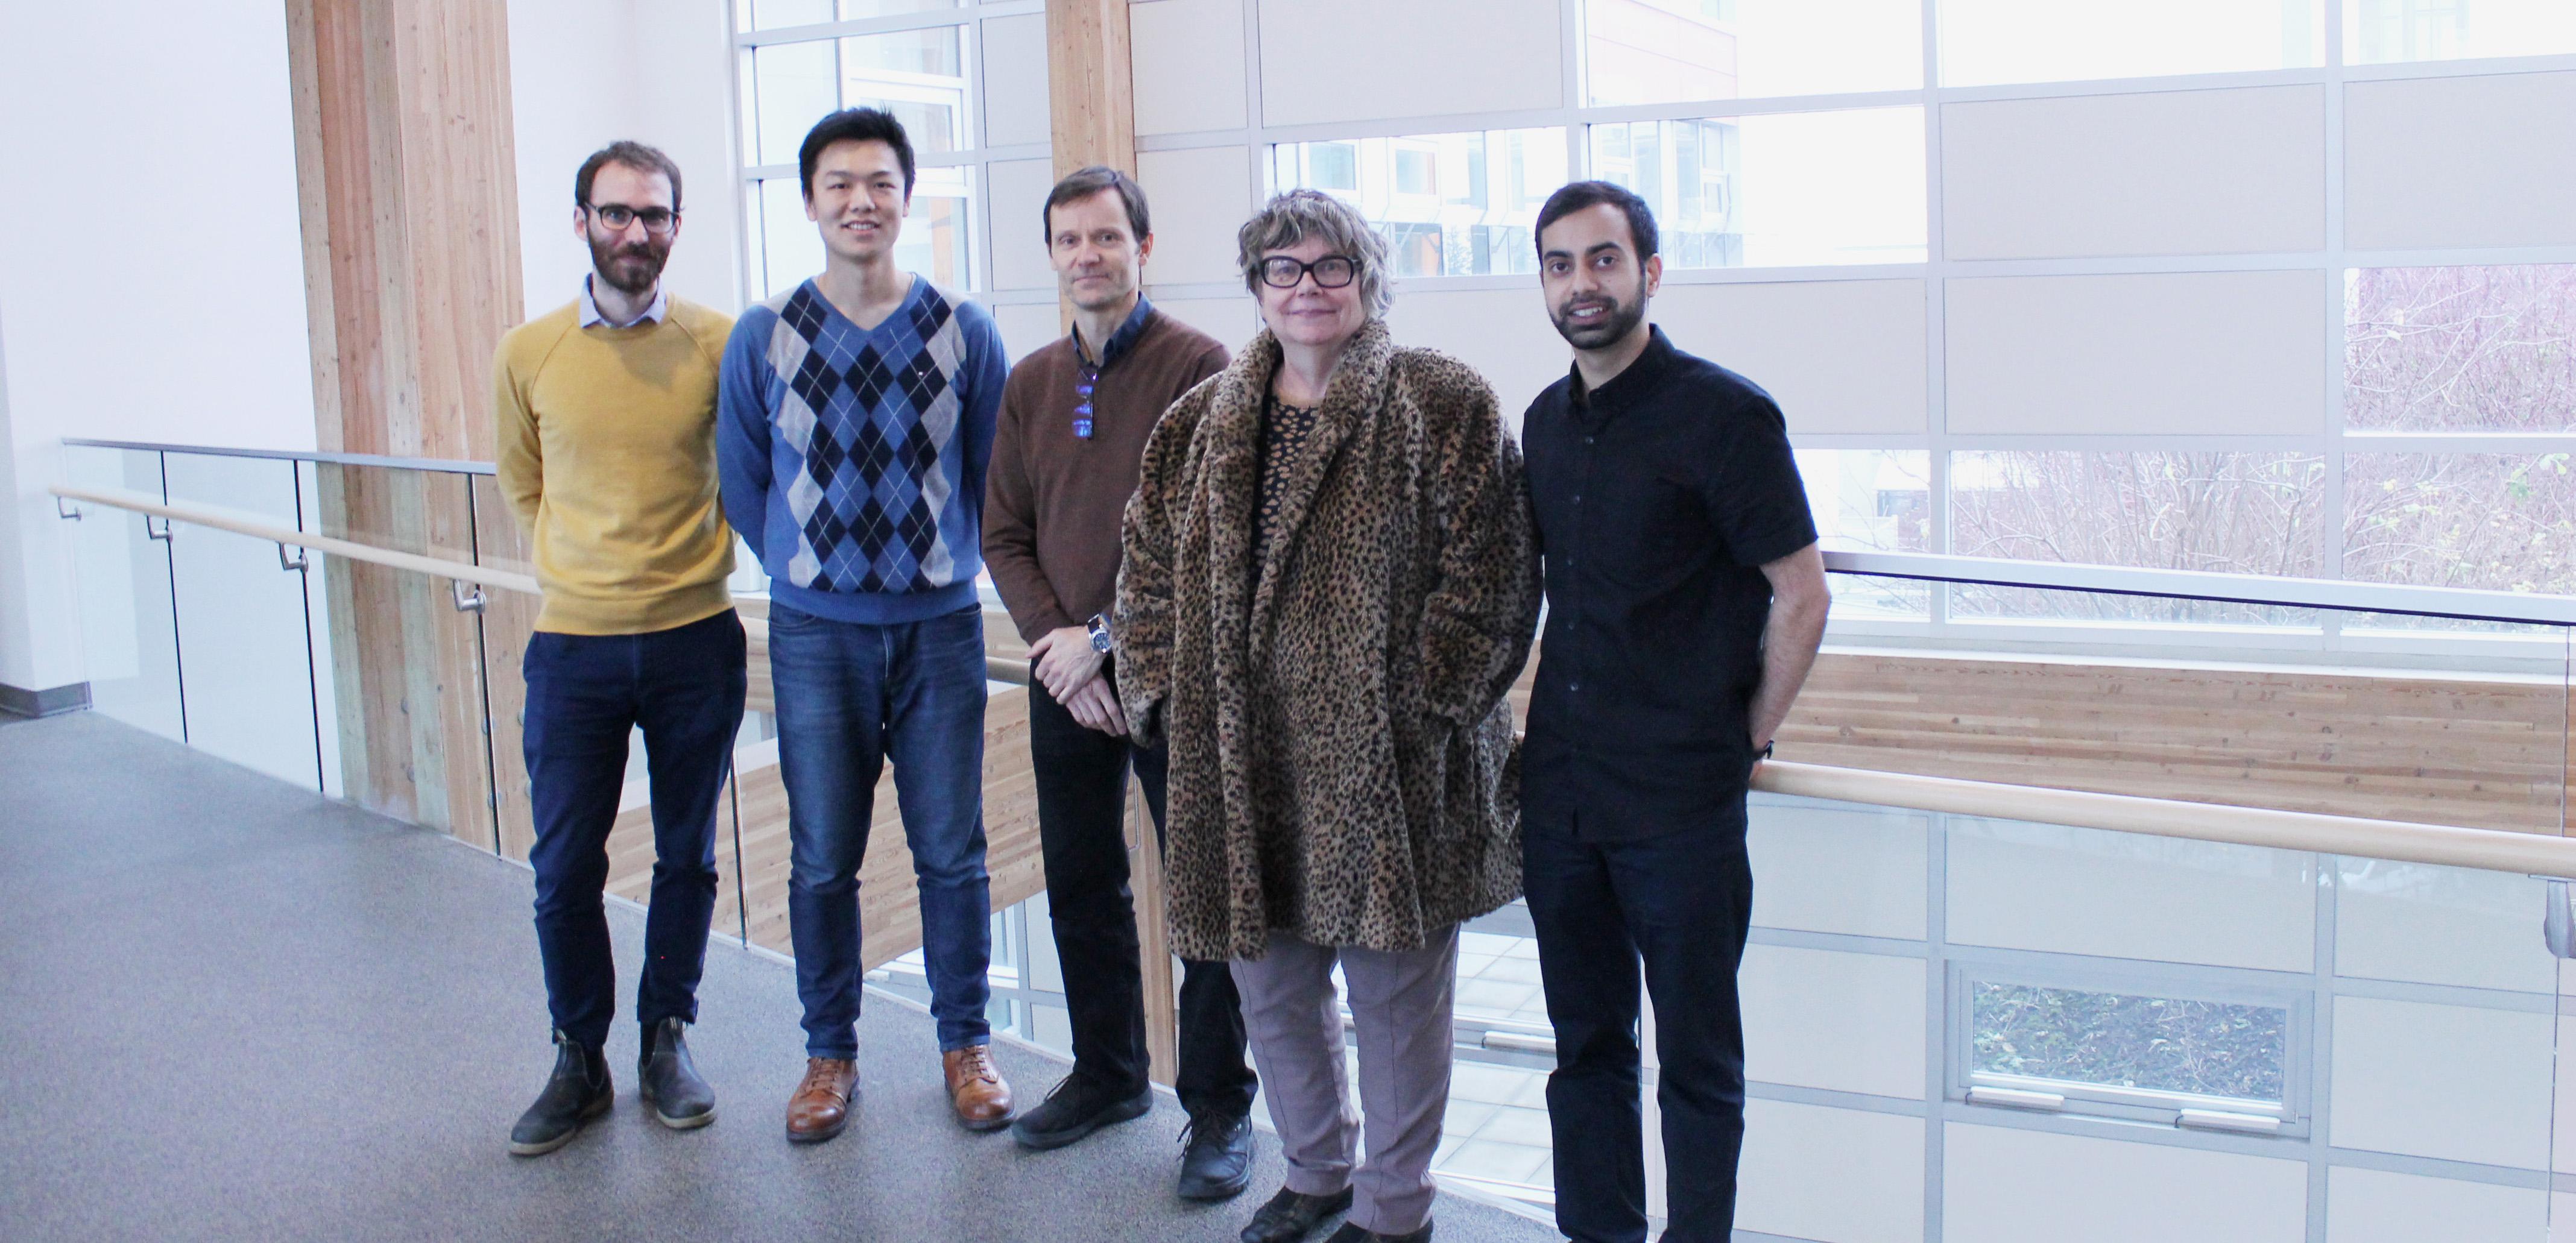 UPAL_David Gill, Kevin Chen, Bud Fraser, Catherine Alkenbrack and Zeshan Nurani